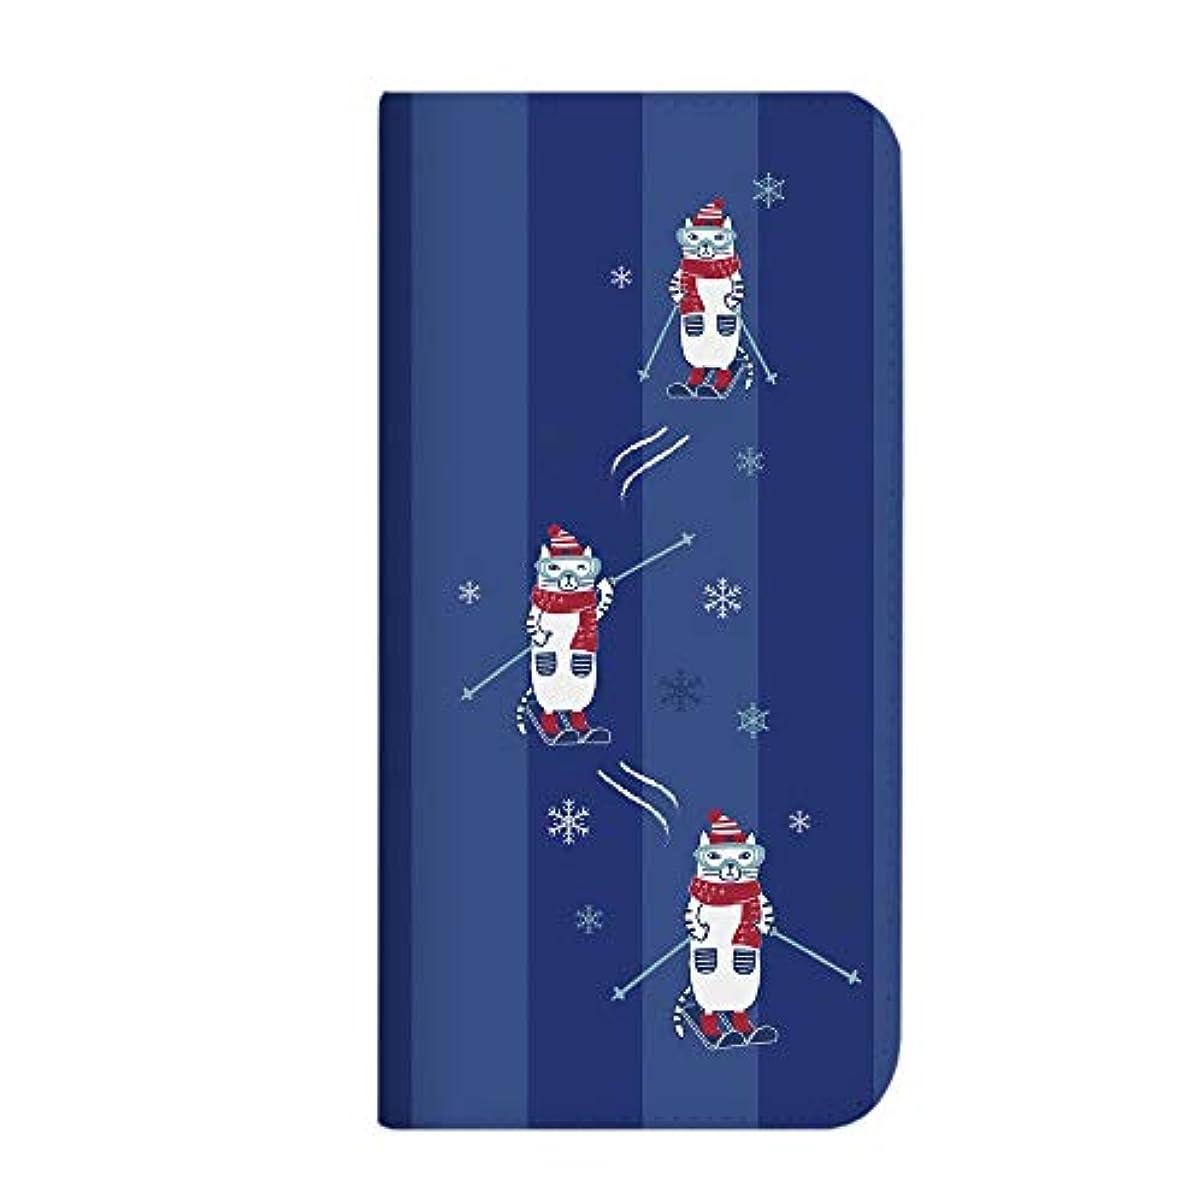 ペアバケツ追放するmitas Qua phone QZ KYV44 ケース 手帳型 ベルトなし クスグルジャパンvol14 ネコまるけ 冬スキー C (382) NB-3914-C/KYV44